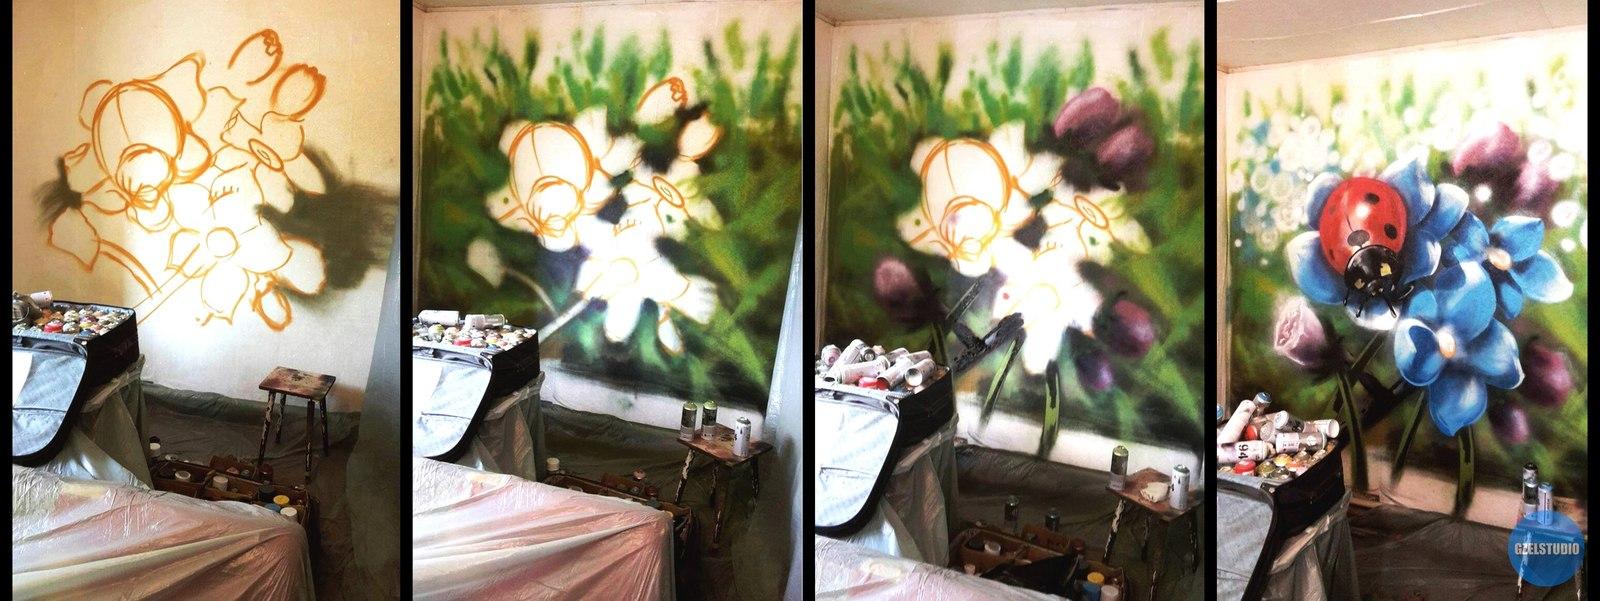 Картинки по запросу граффити на стене пошагово